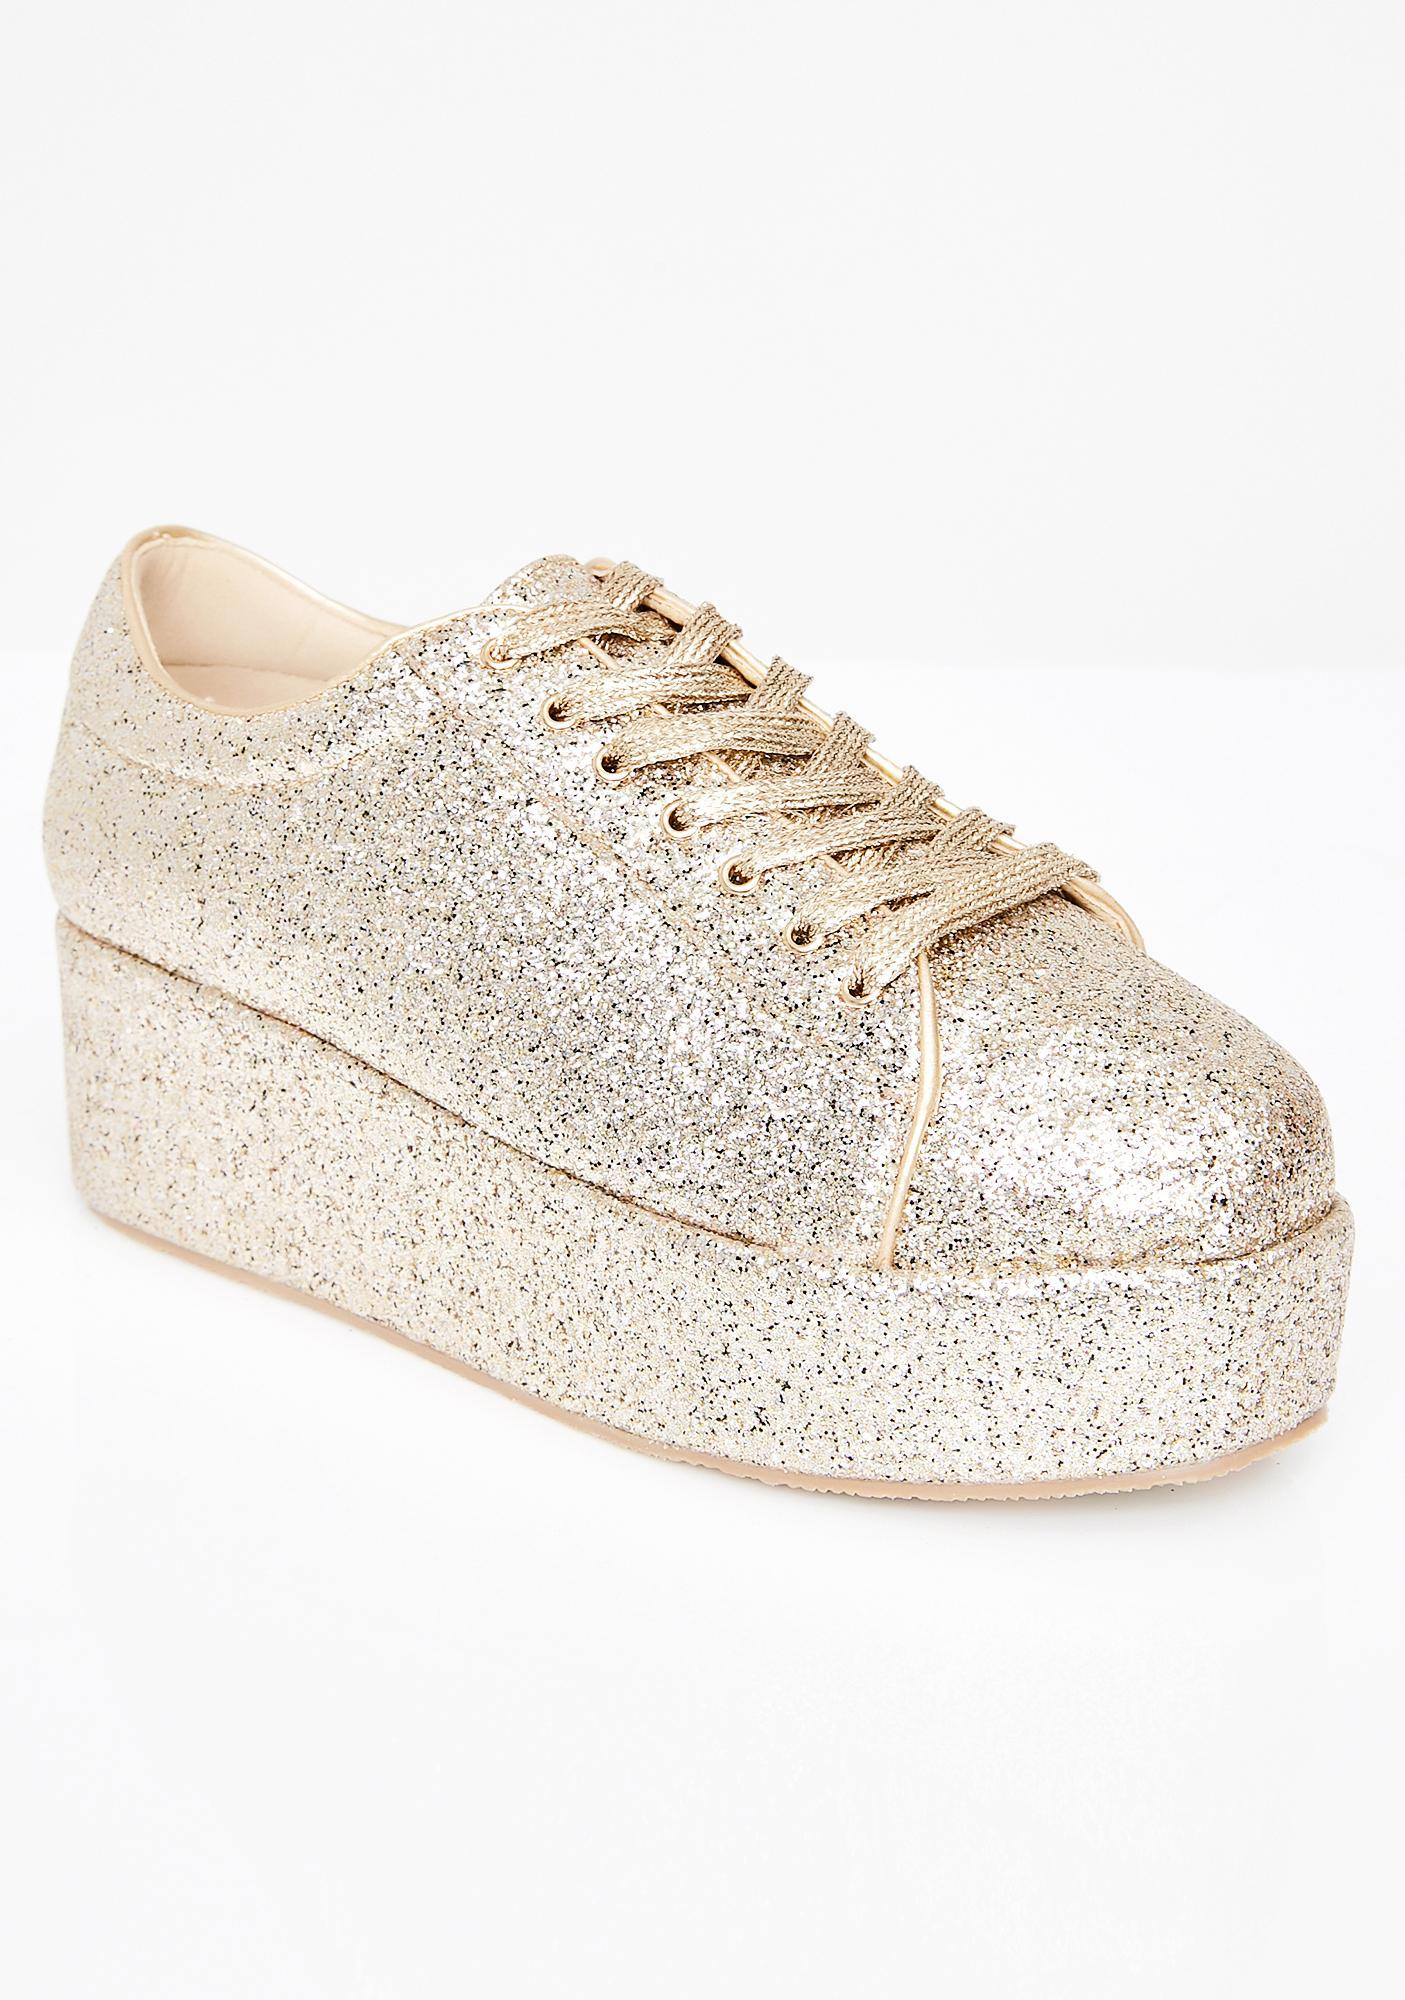 Gold Platform Sneakers | Dolls Kill